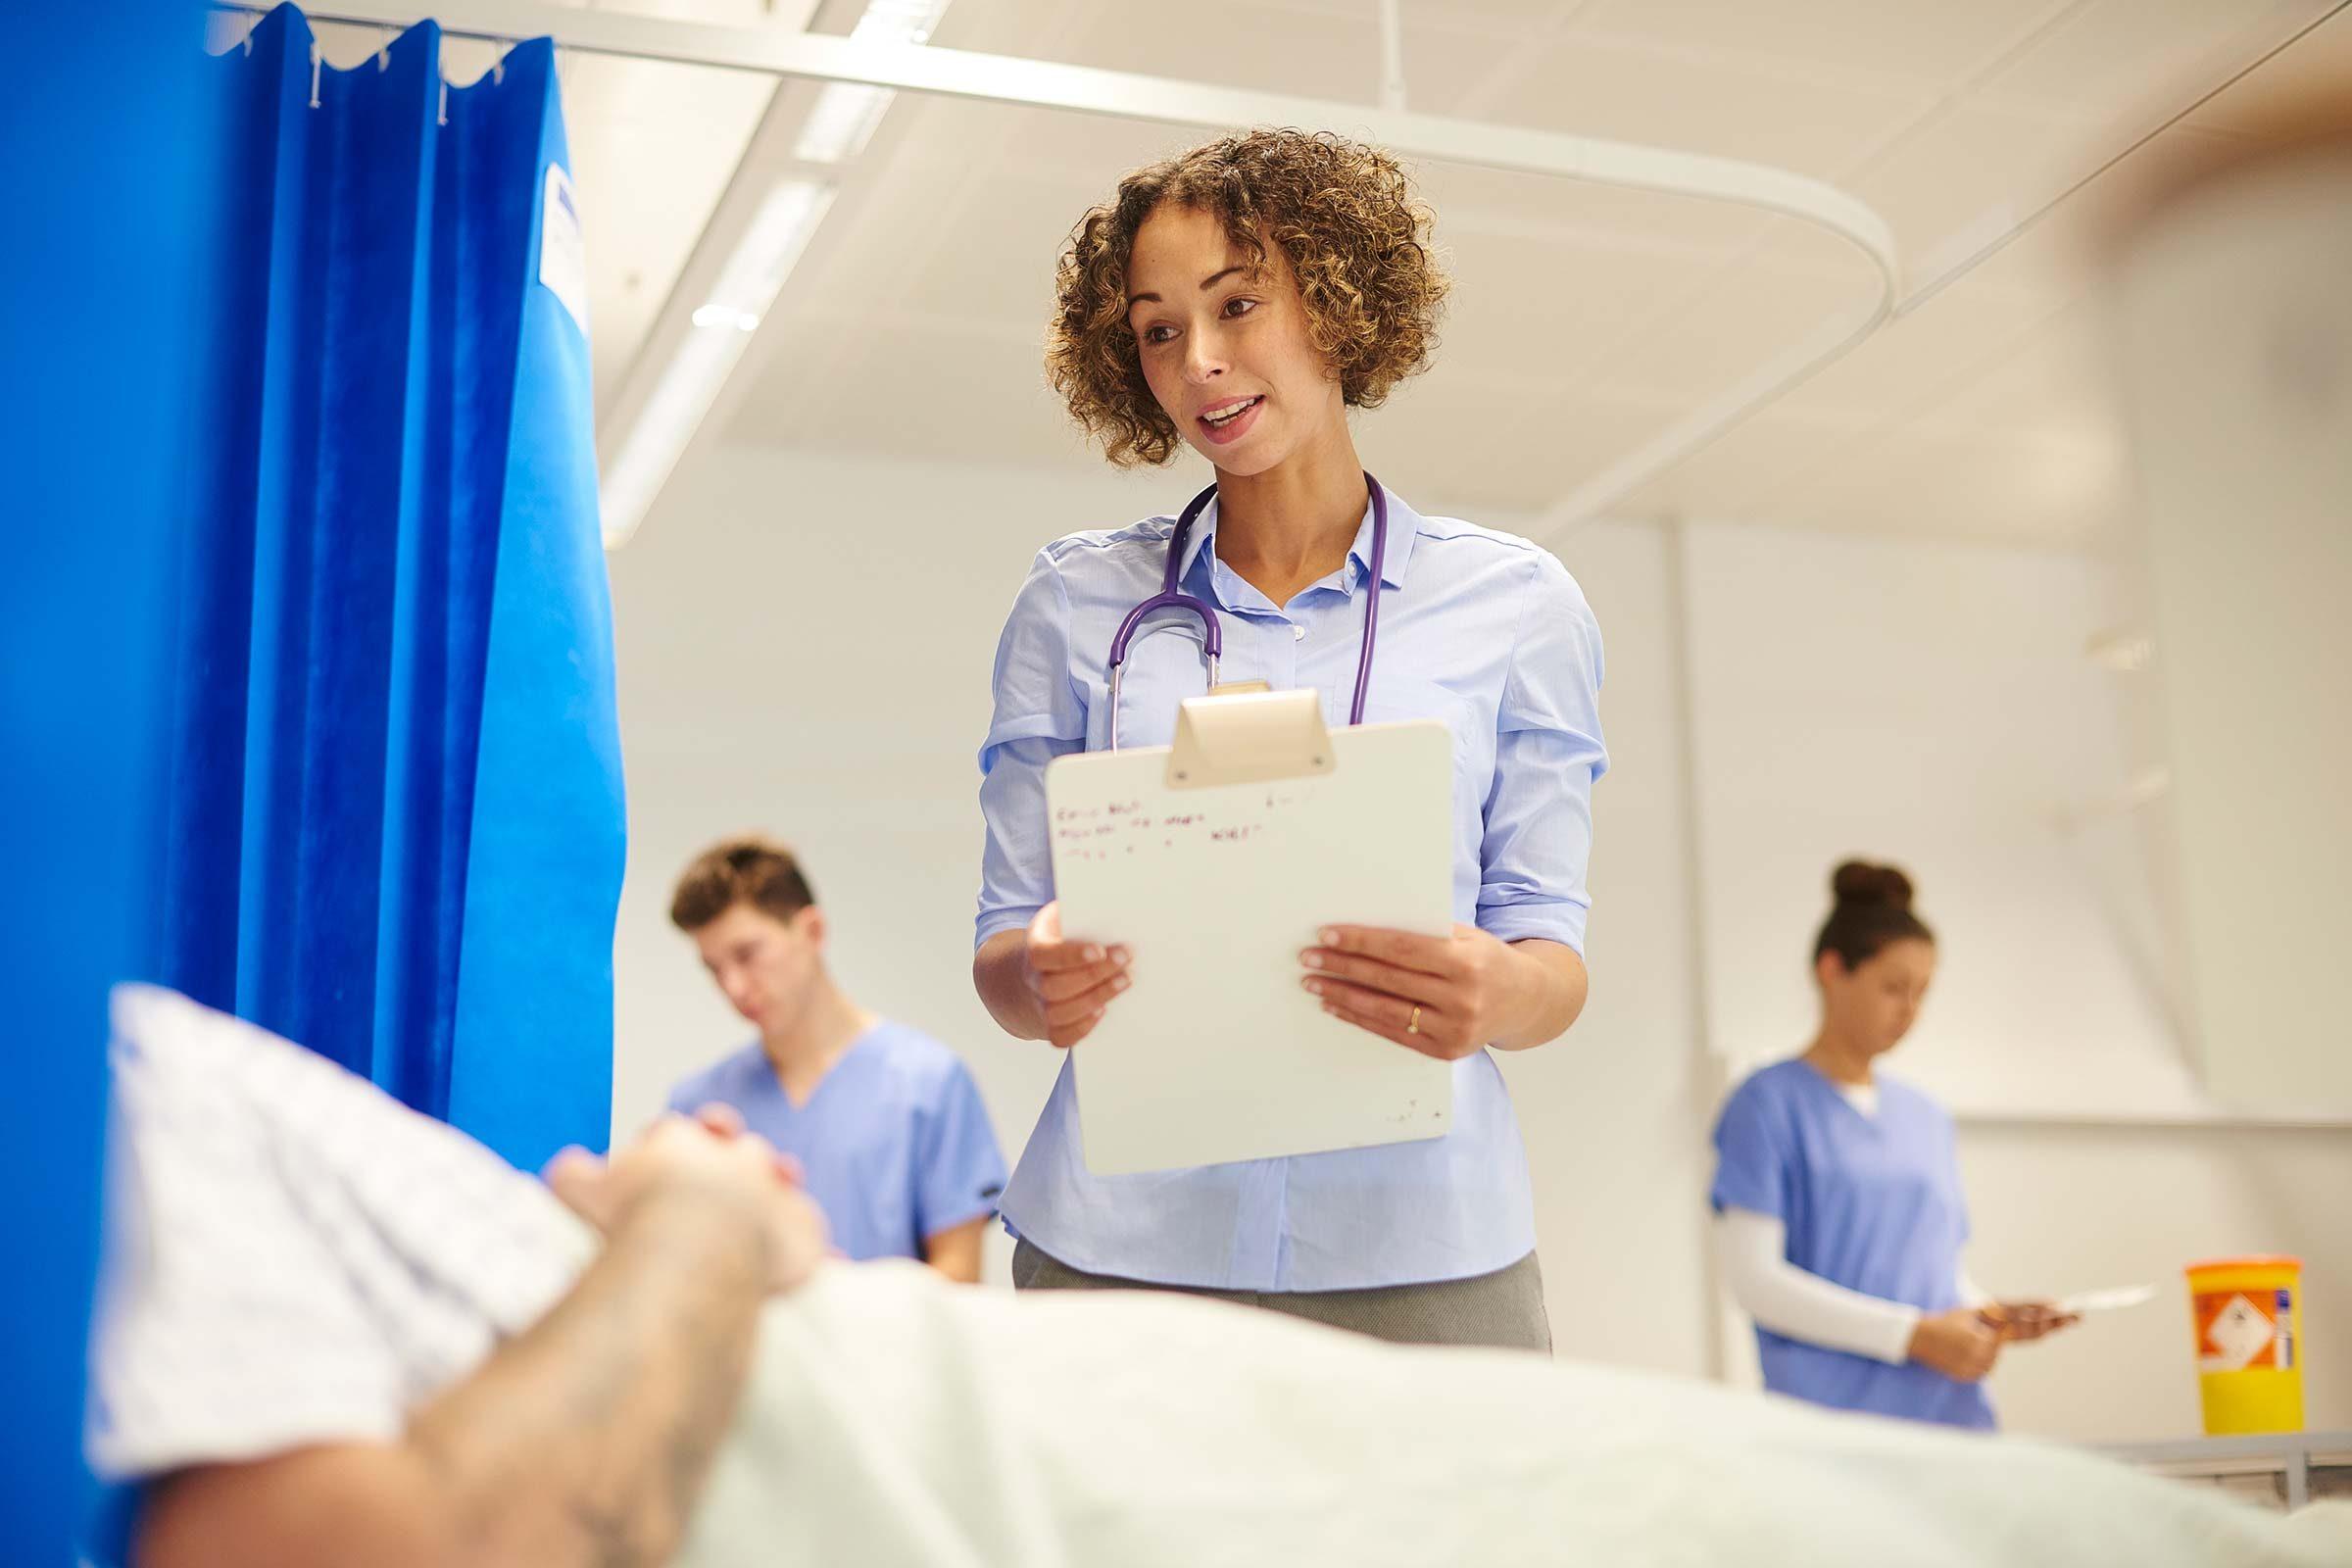 Man in hospital getting hand job by nurse